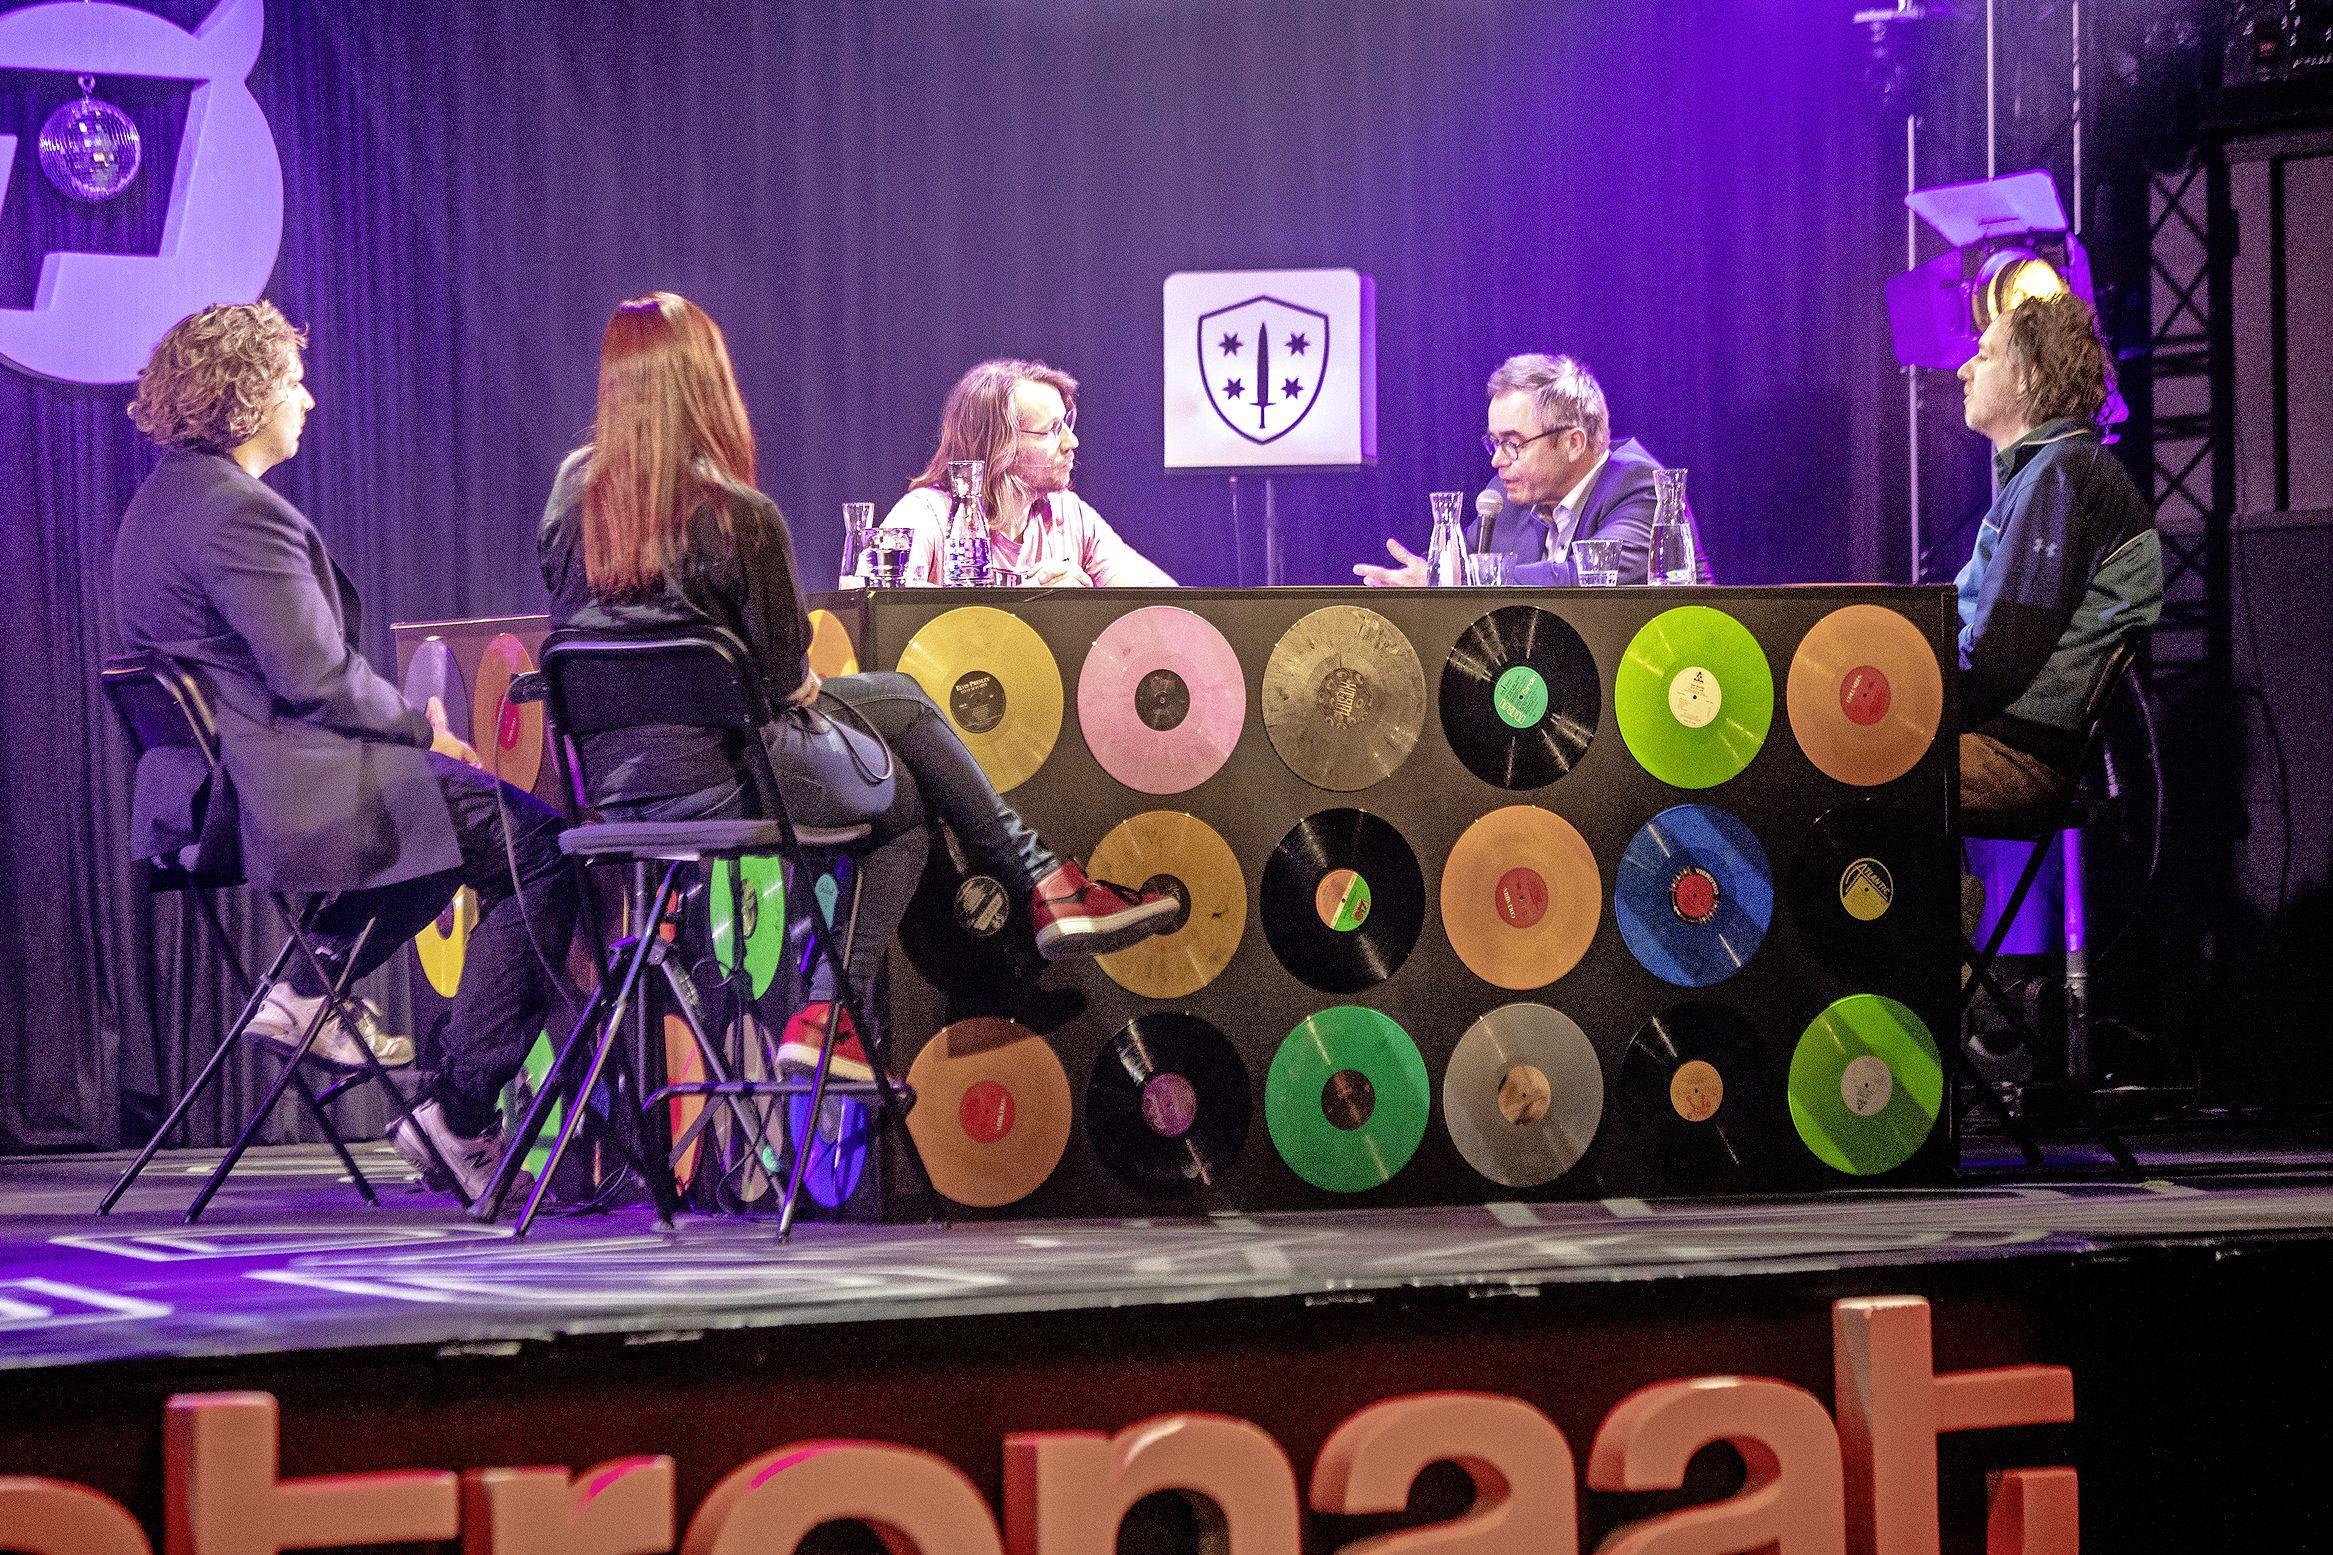 Talkshow wakkert discussie over Haarlemse nachtcultuur opnieuw aan. 'Het is zoveel meer dan uitgaan'